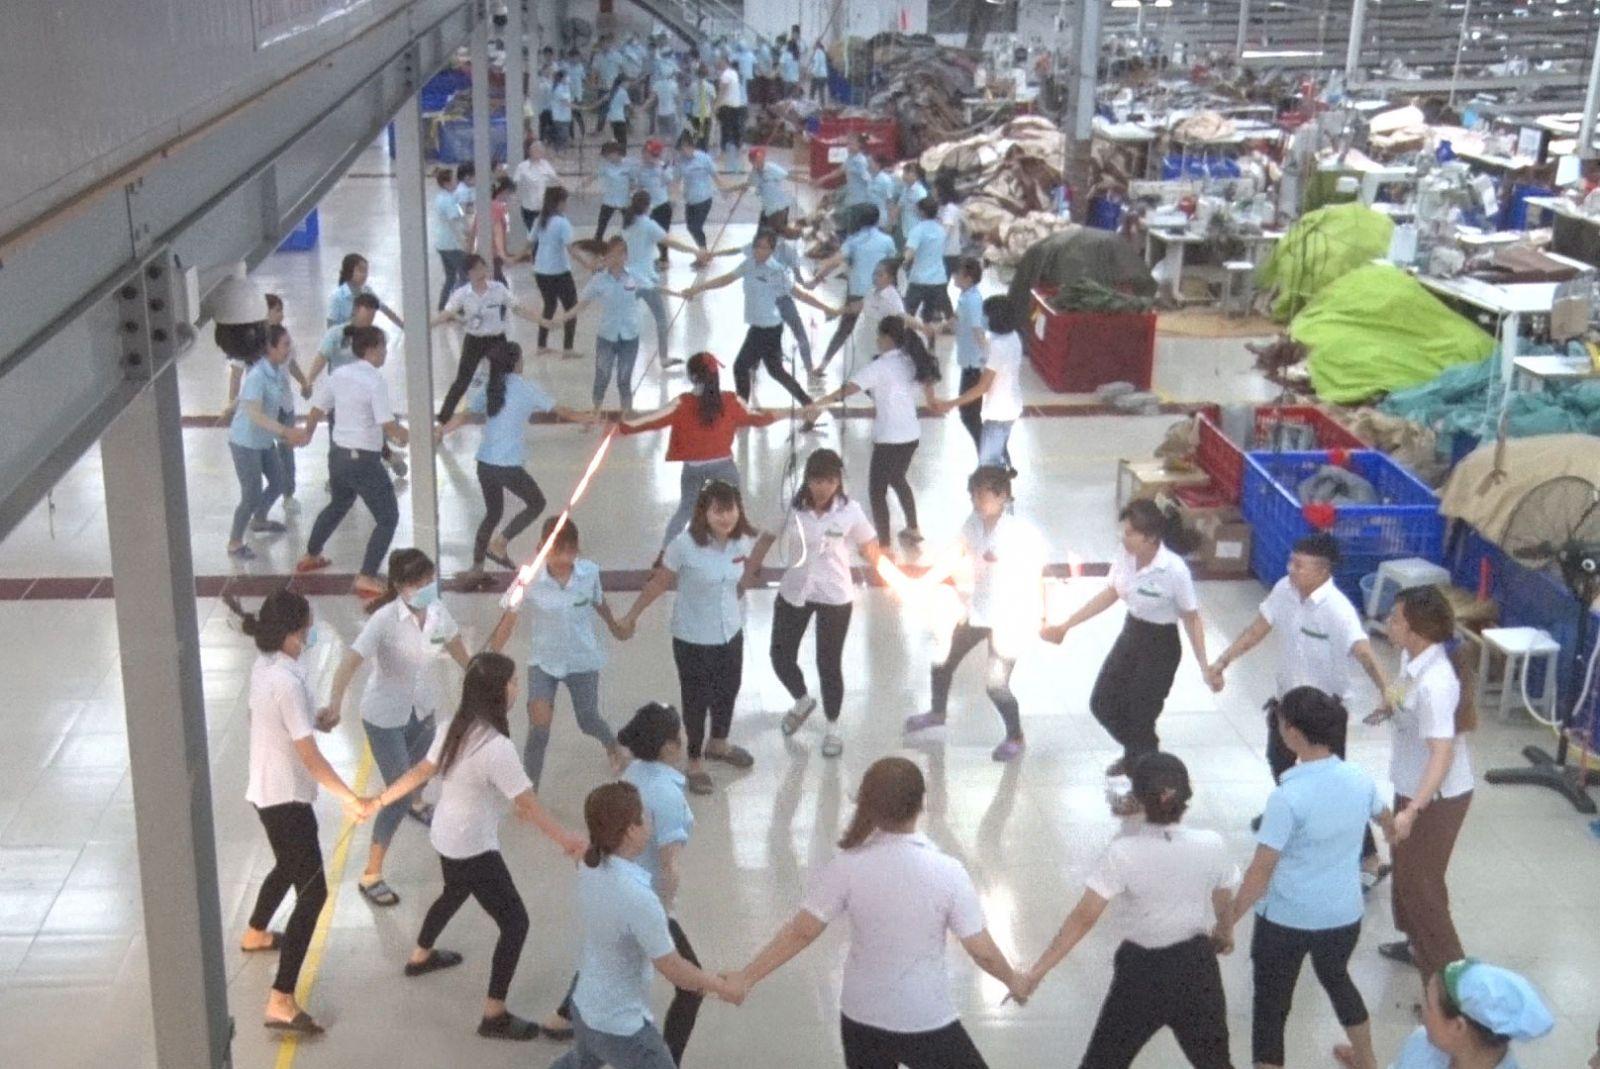 Công nhân, lao động Công ty TNHH MTV YS Vina tham gia tập thể dục tại nơi làm việc trước giờ làm